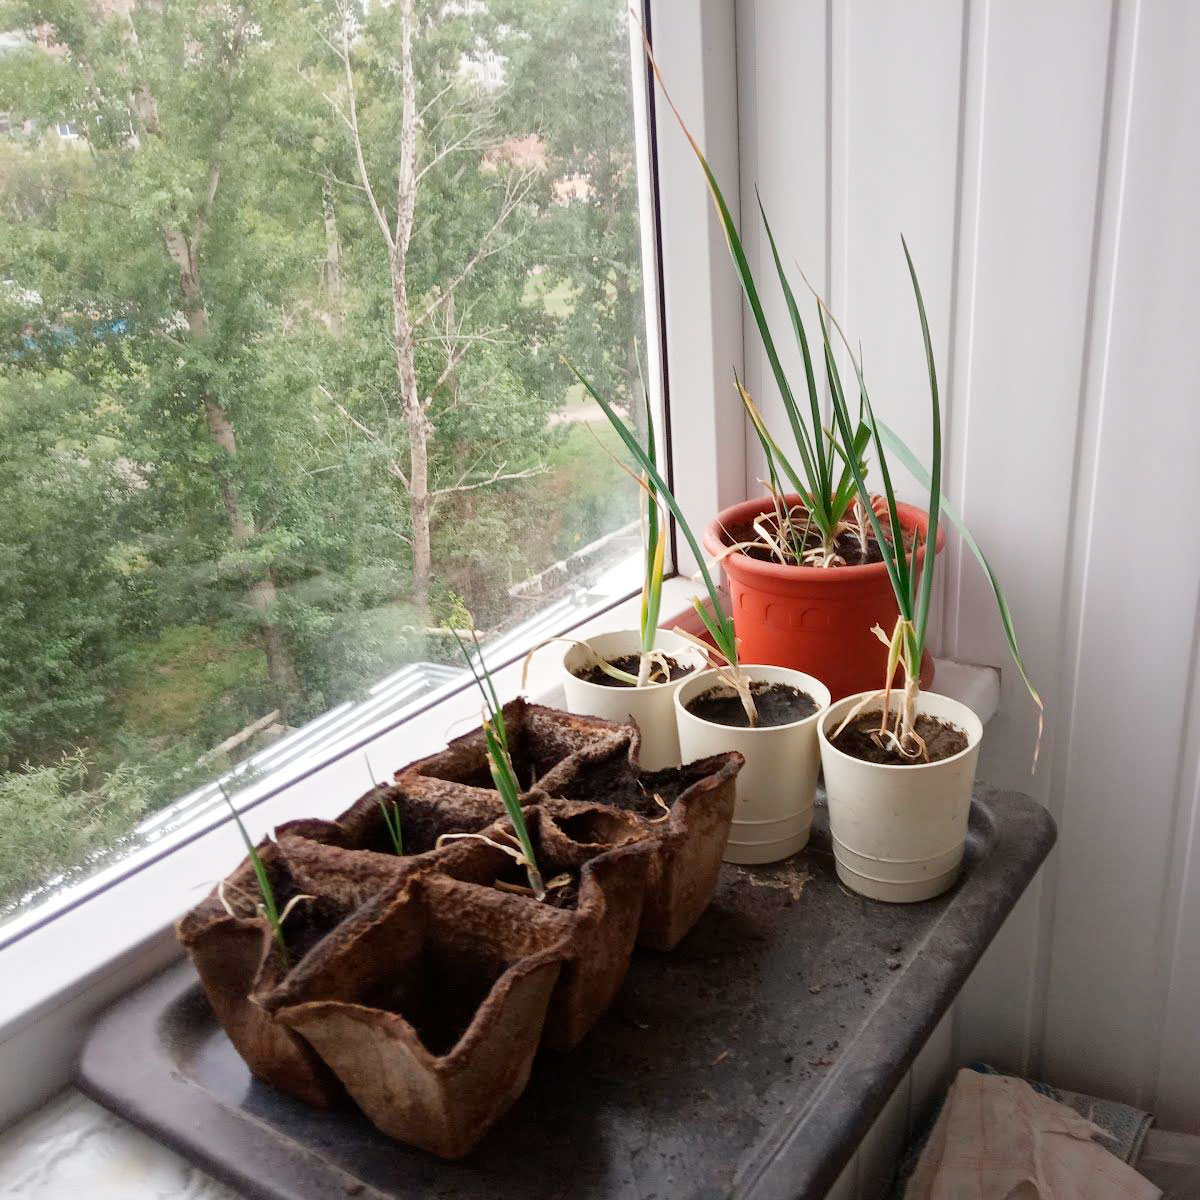 На балконе я выращиваю чеснок и укроп. Но осенью они уже не такие красивые